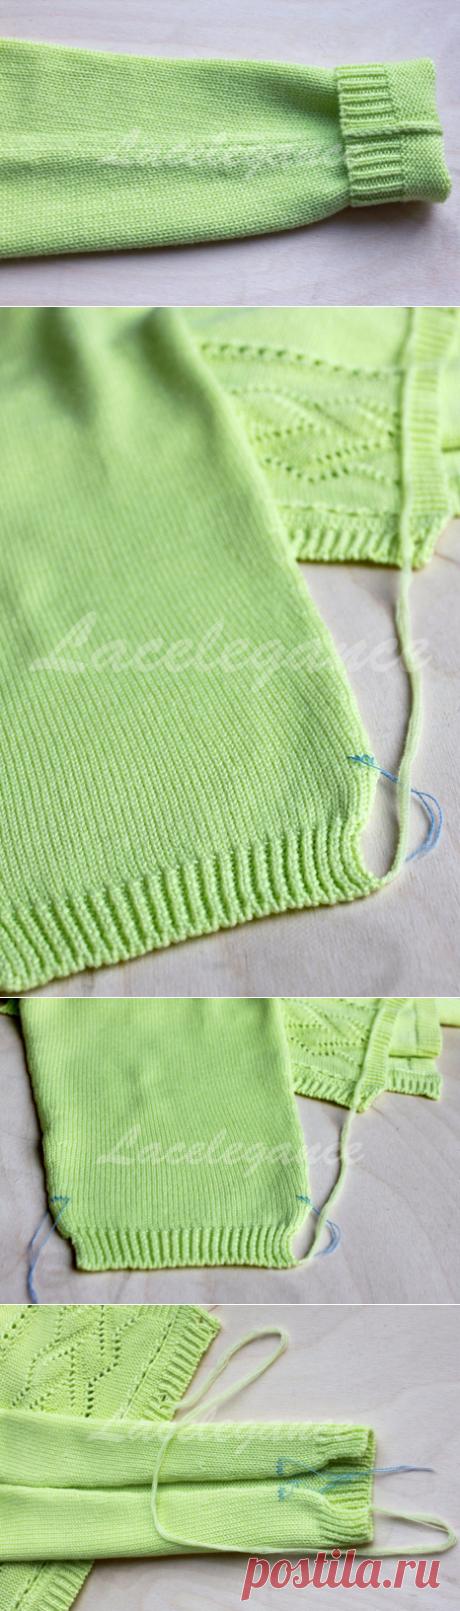 Как аккуратно сшивать вязаные изделия. Мастер-класс